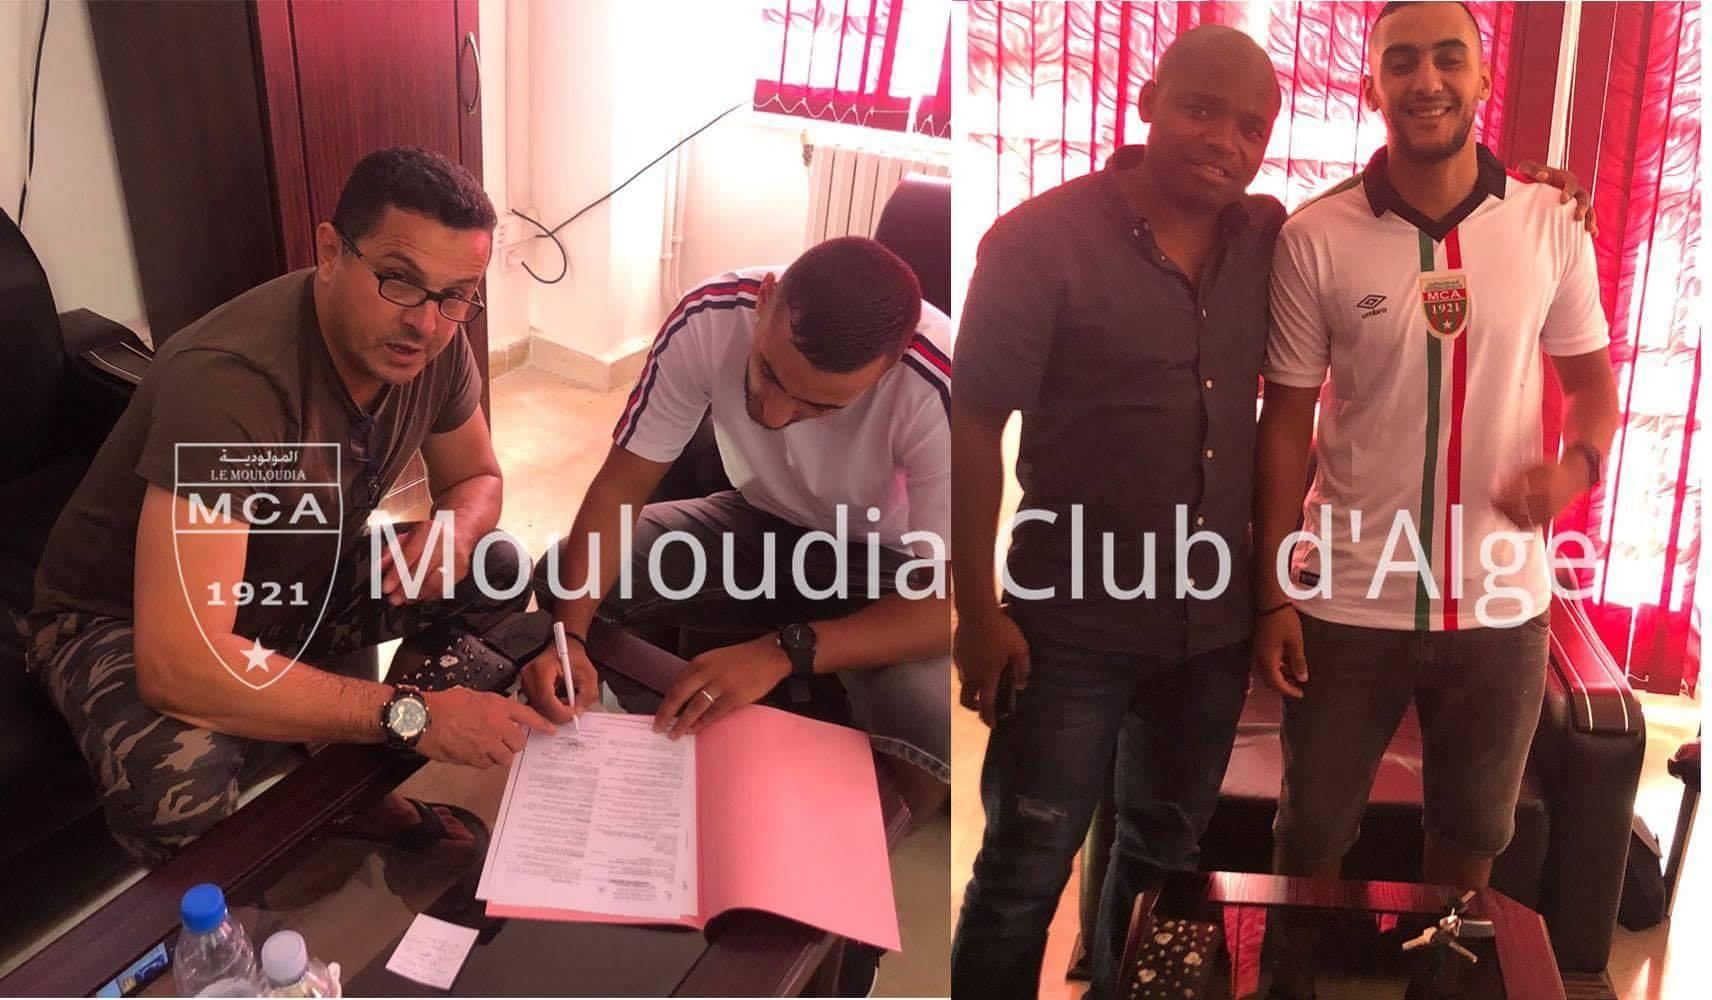 chaibi mca signature kaci said